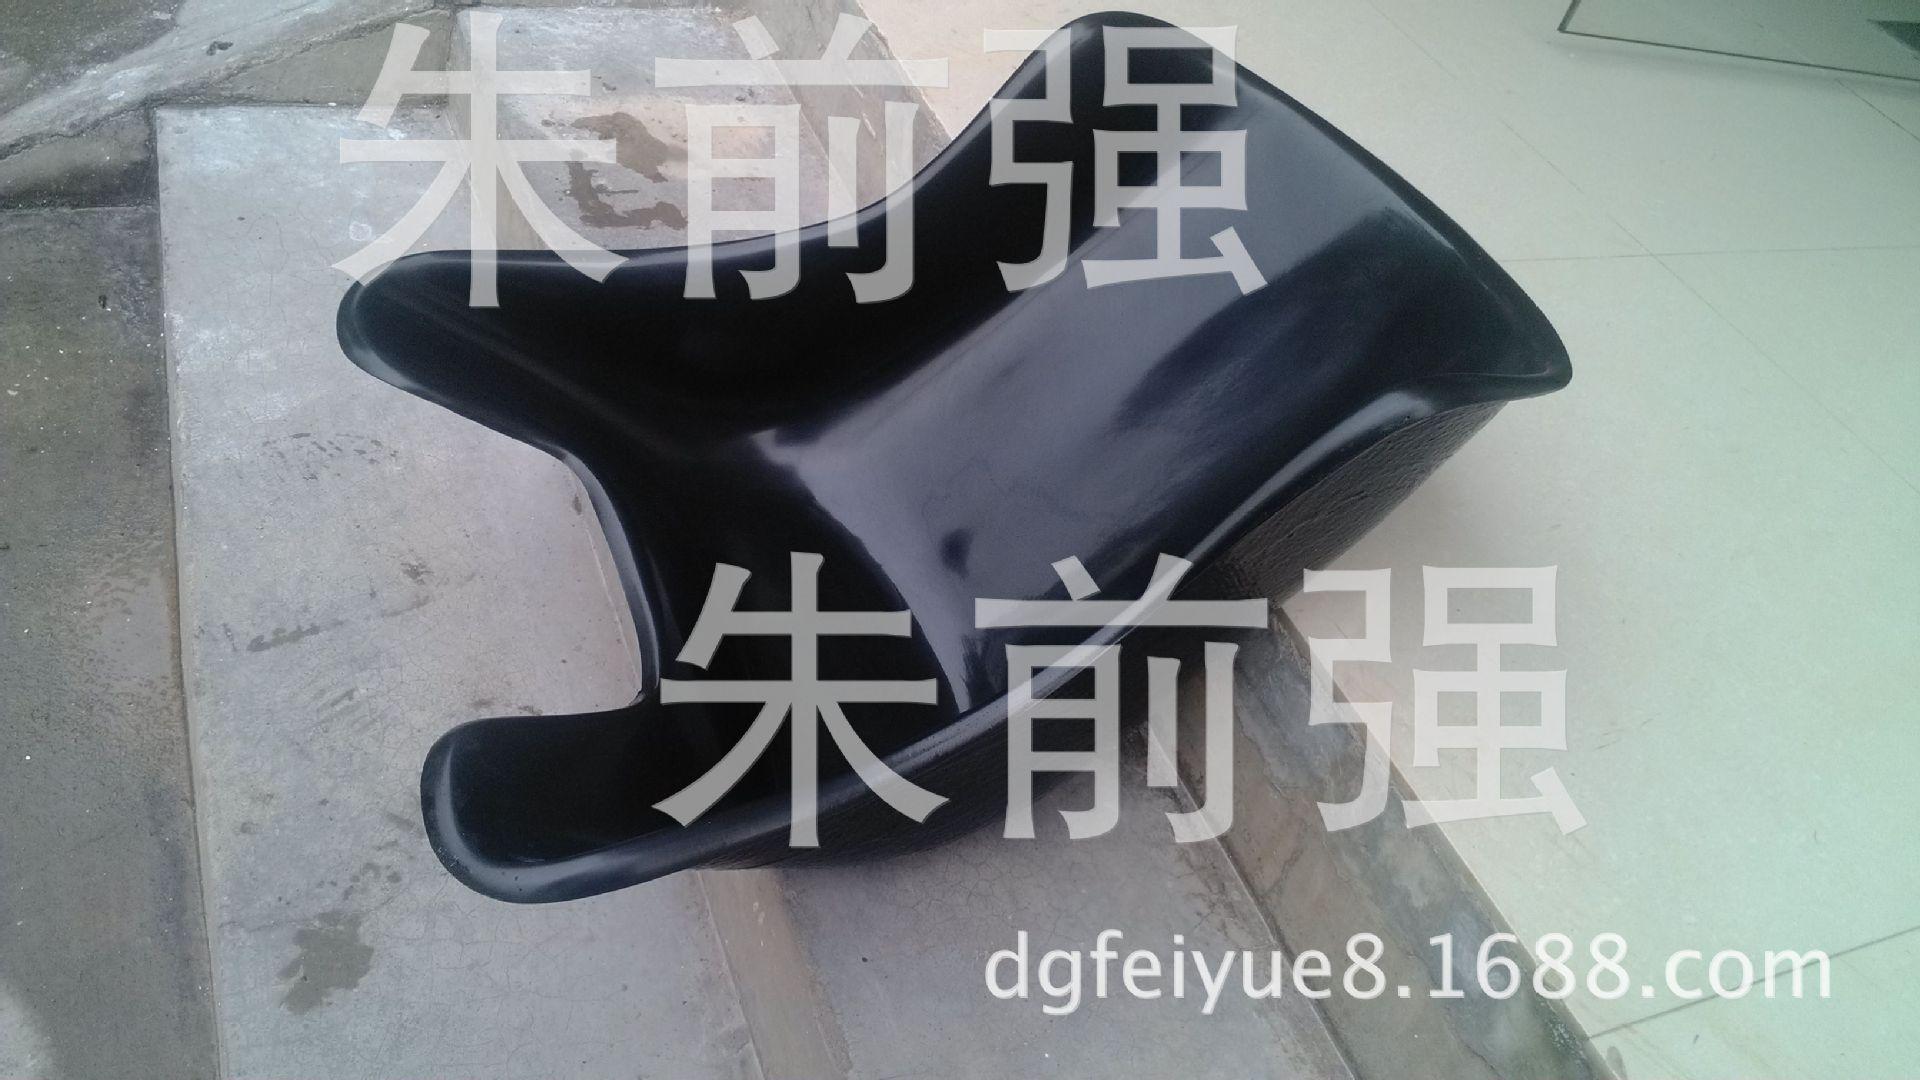 成人儿童卡丁车座椅 玻璃钢卡丁车座椅 玻璃钢赛车座椅示例图5